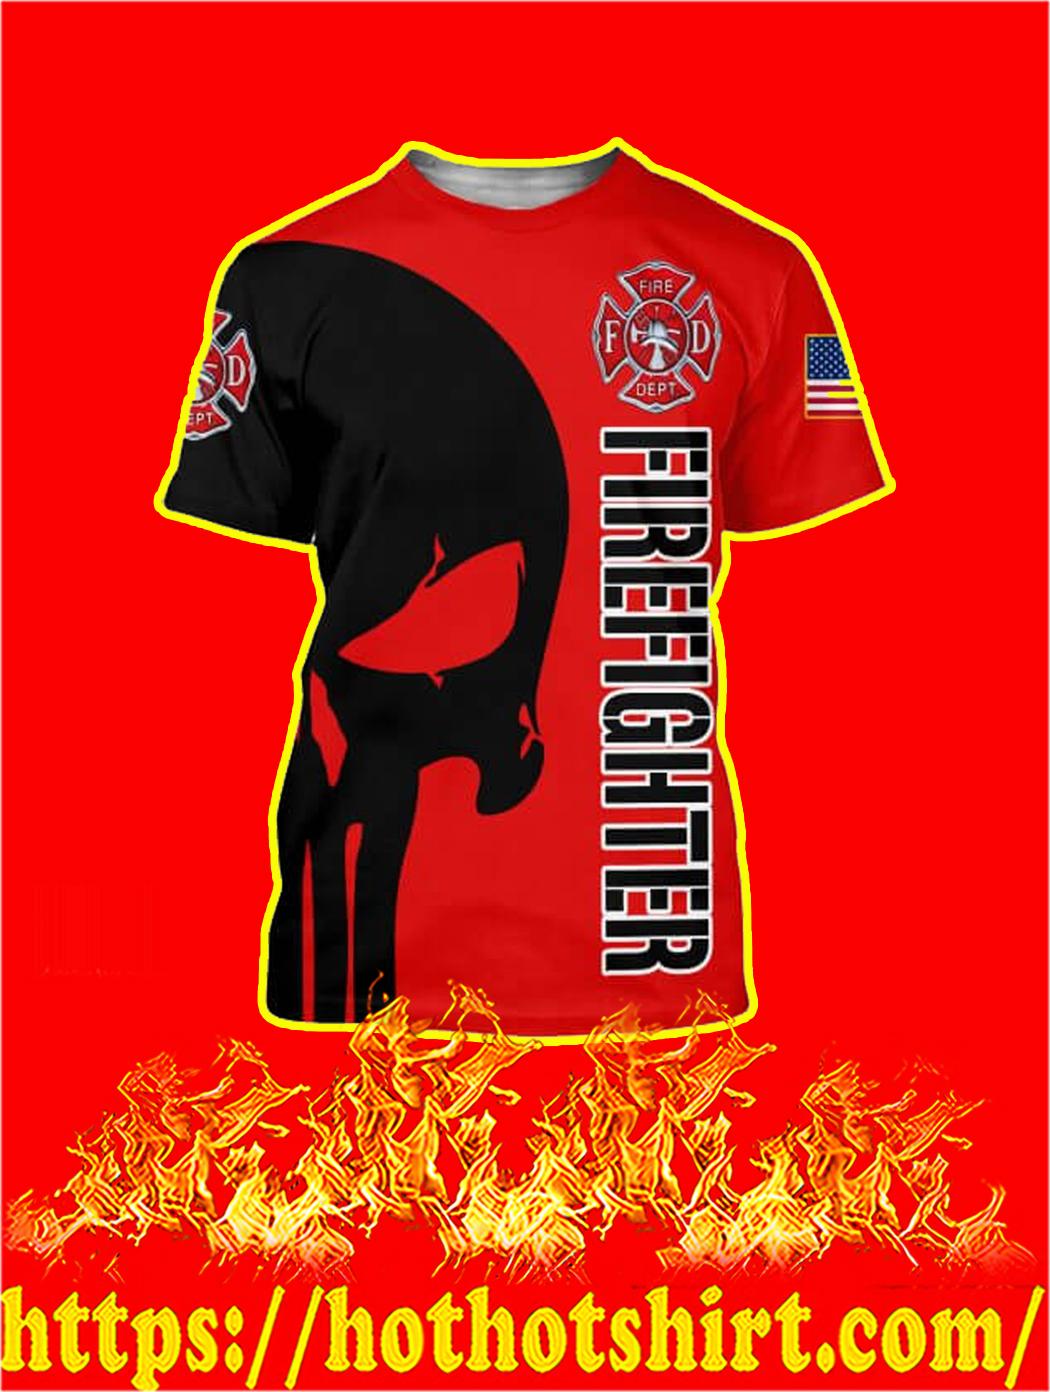 FDNY Hoodie Screen Print Fire Dept Sweatshirt Red